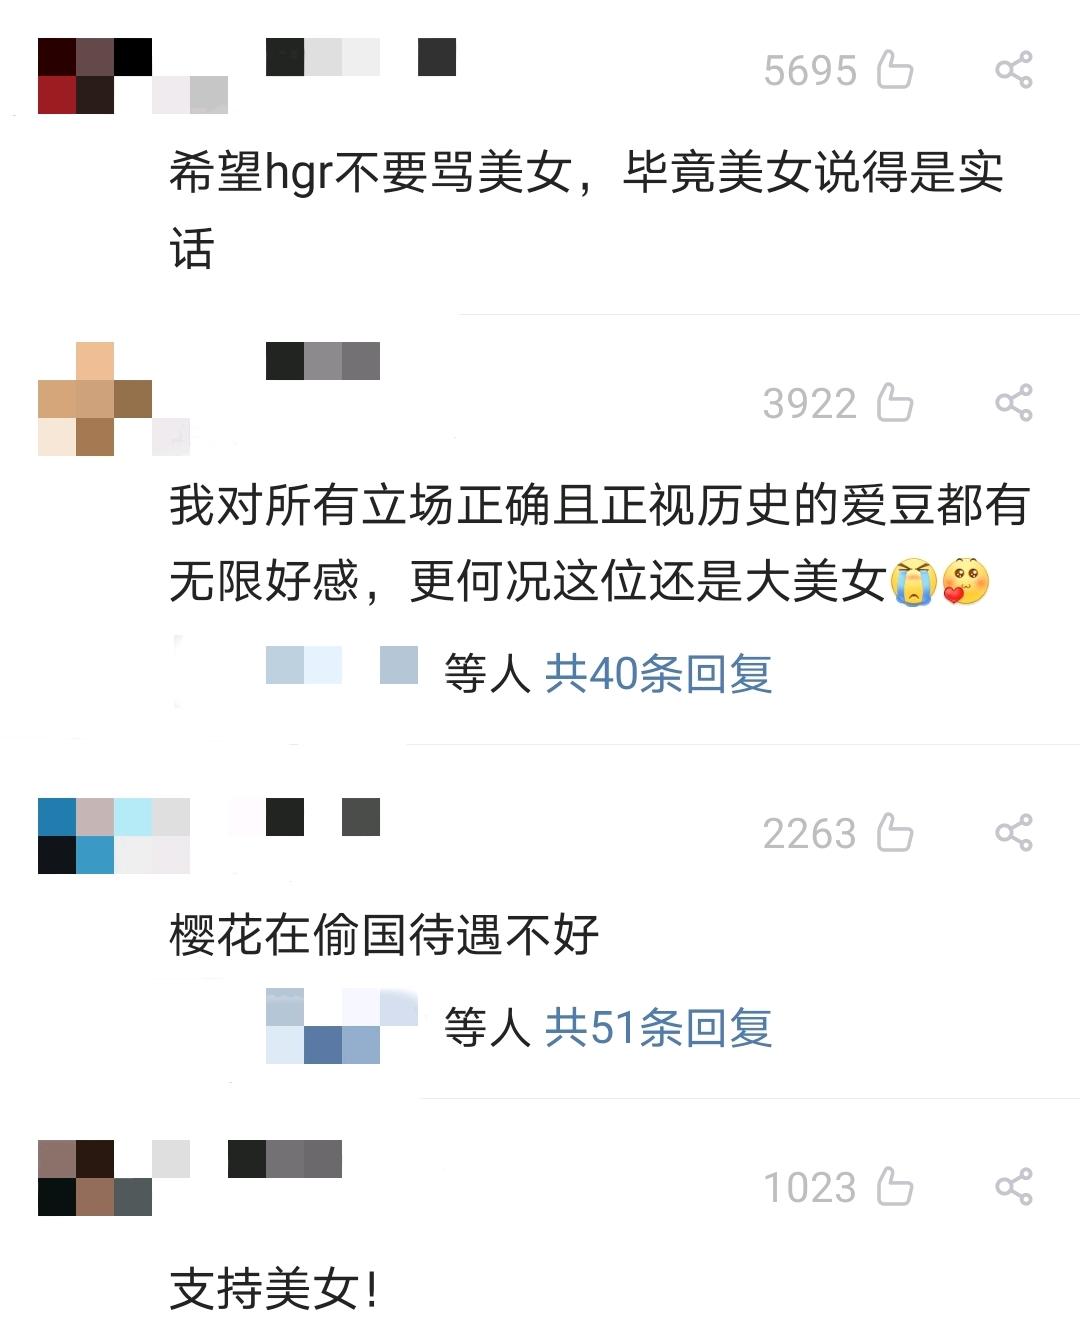 韩国人:麻辣烫是韩国的,日本宫脇咲良矢吹奈子:拉面都是中国的